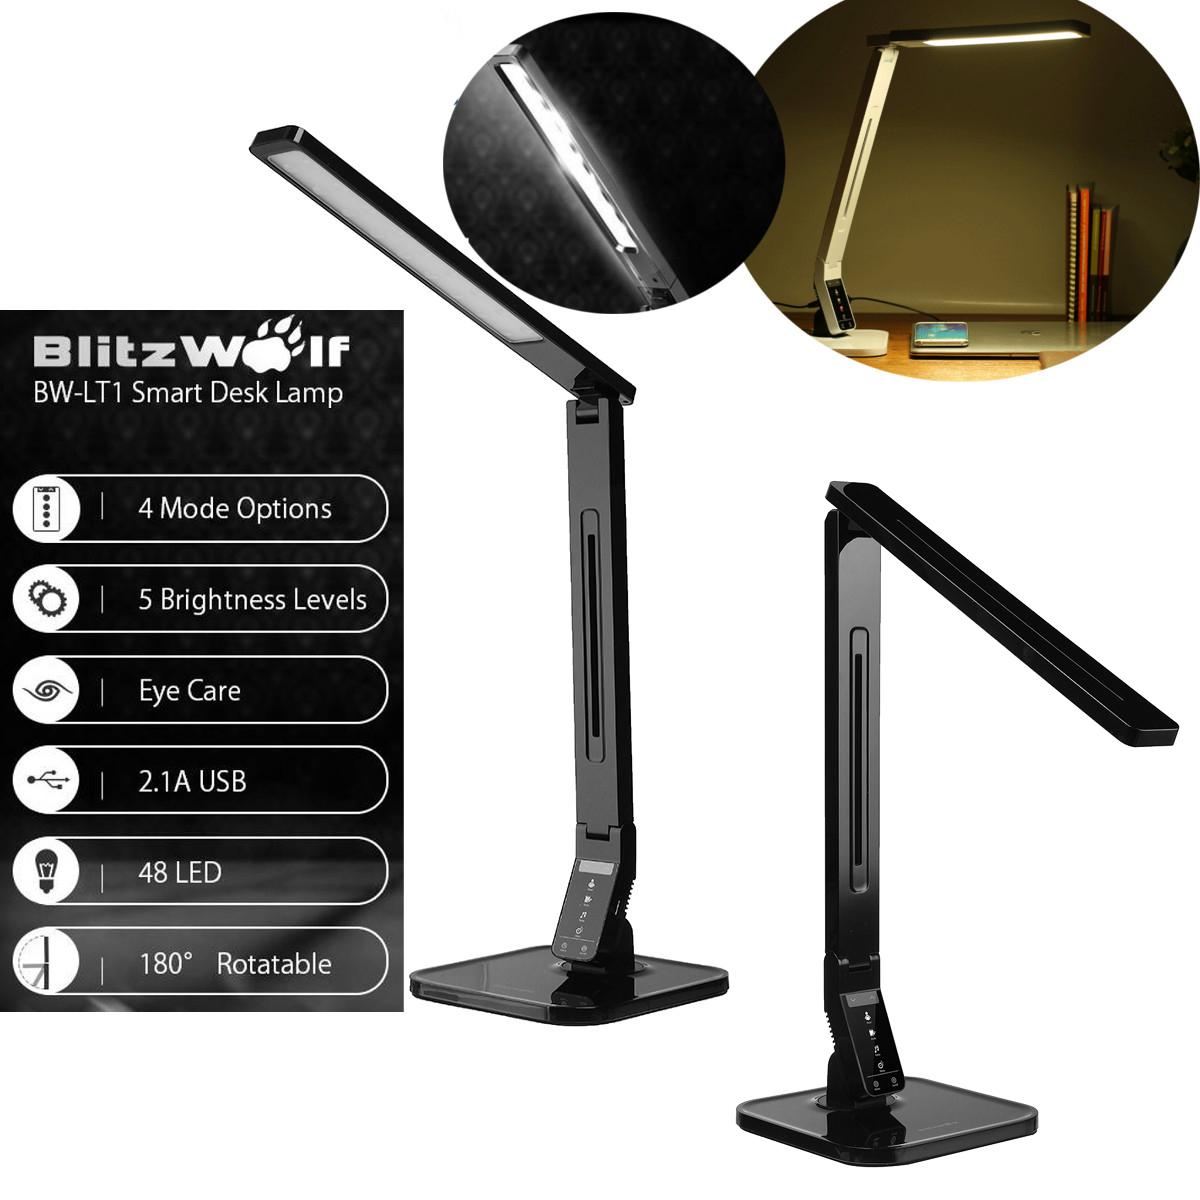 Lampe Blitzwolf® Protection Lt1 Charge De Port Bw Bureau Led Usb uJK3Tlc1F